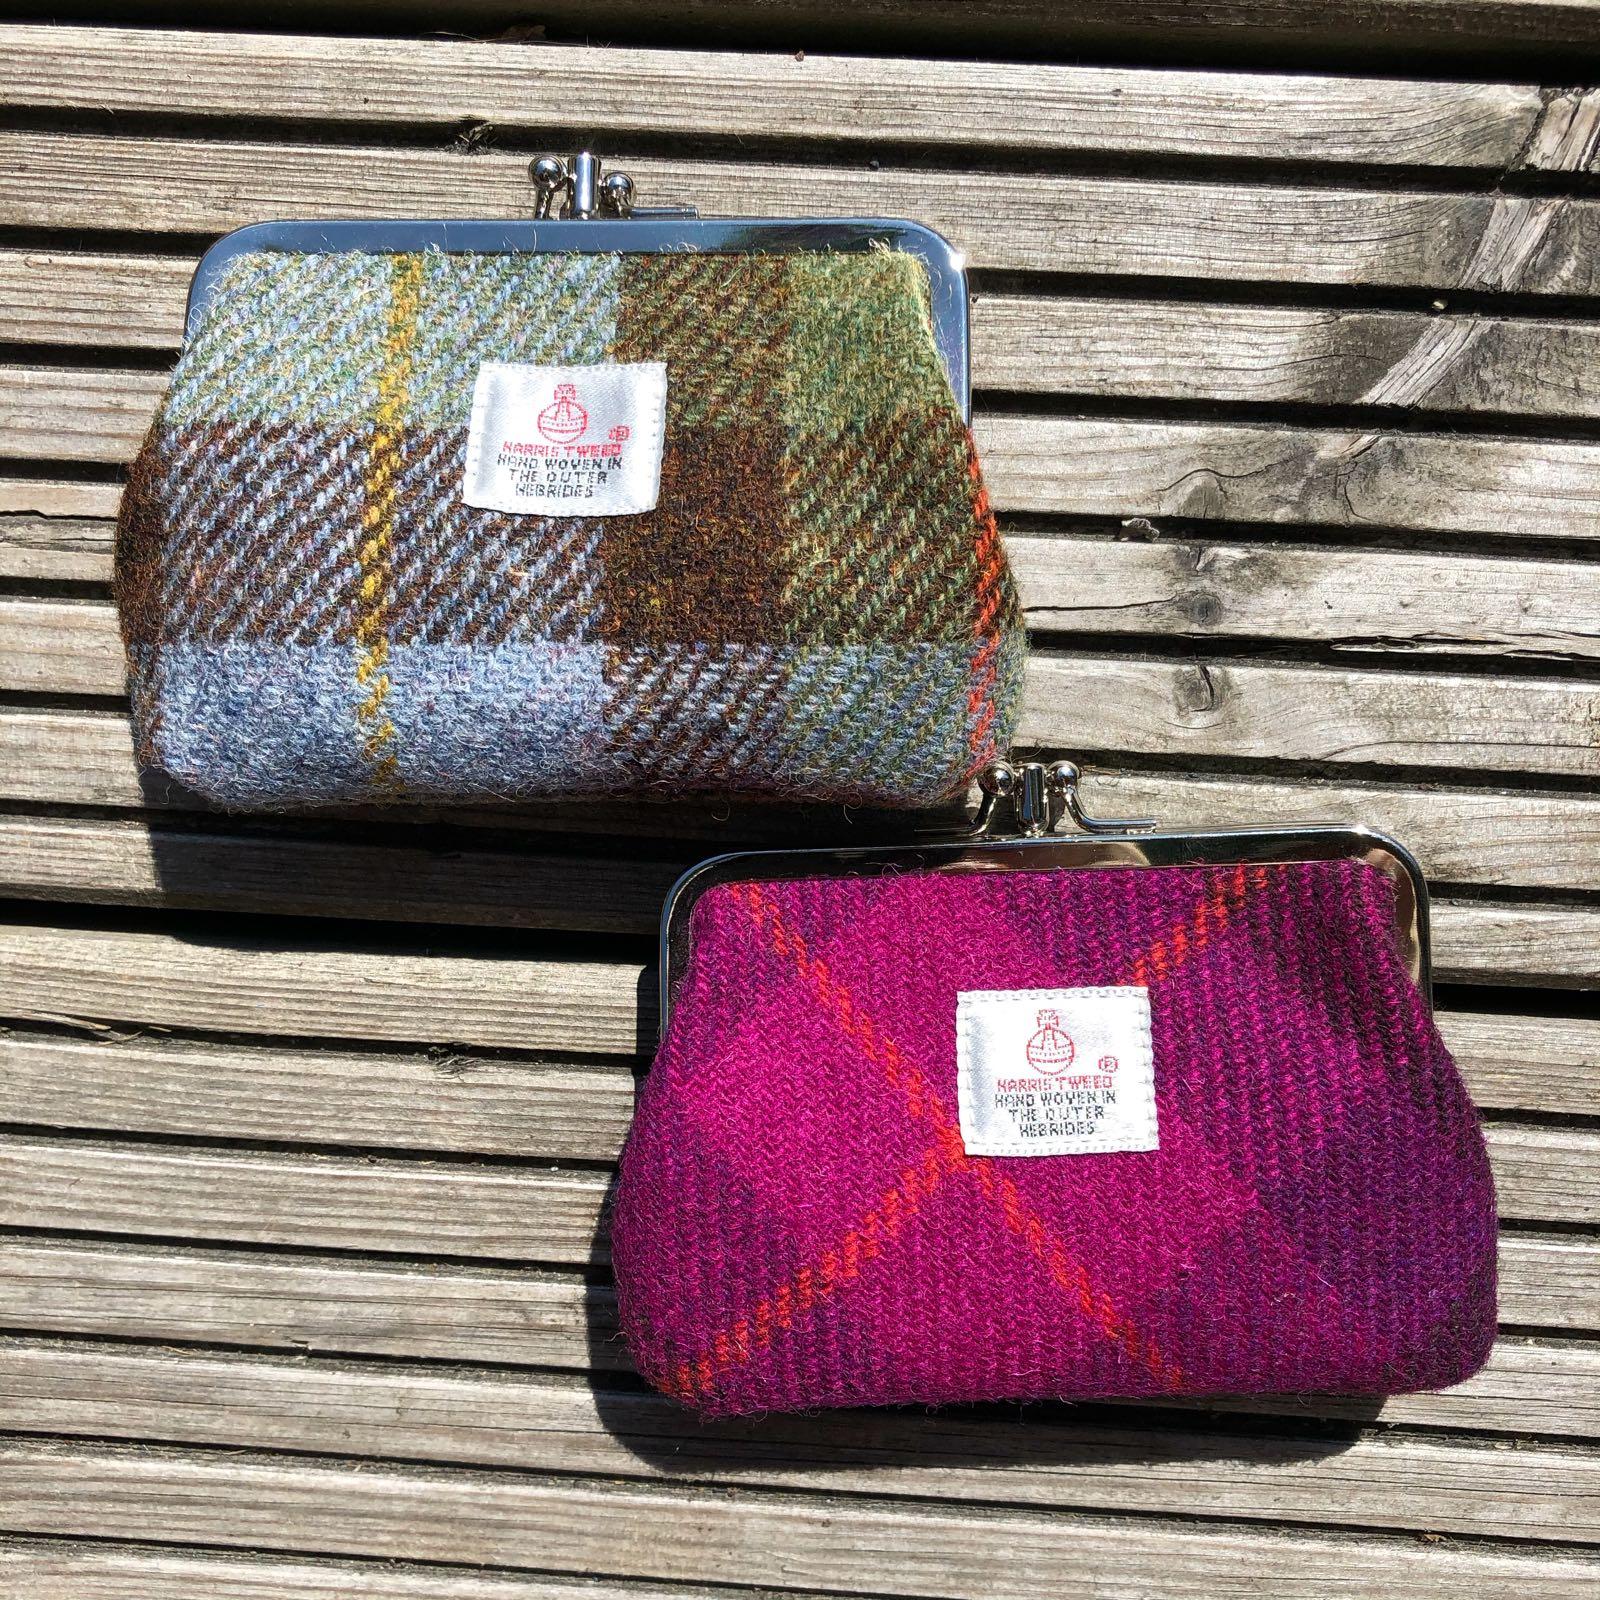 Harris Tweed Josie Purse SALE 30% (£20)